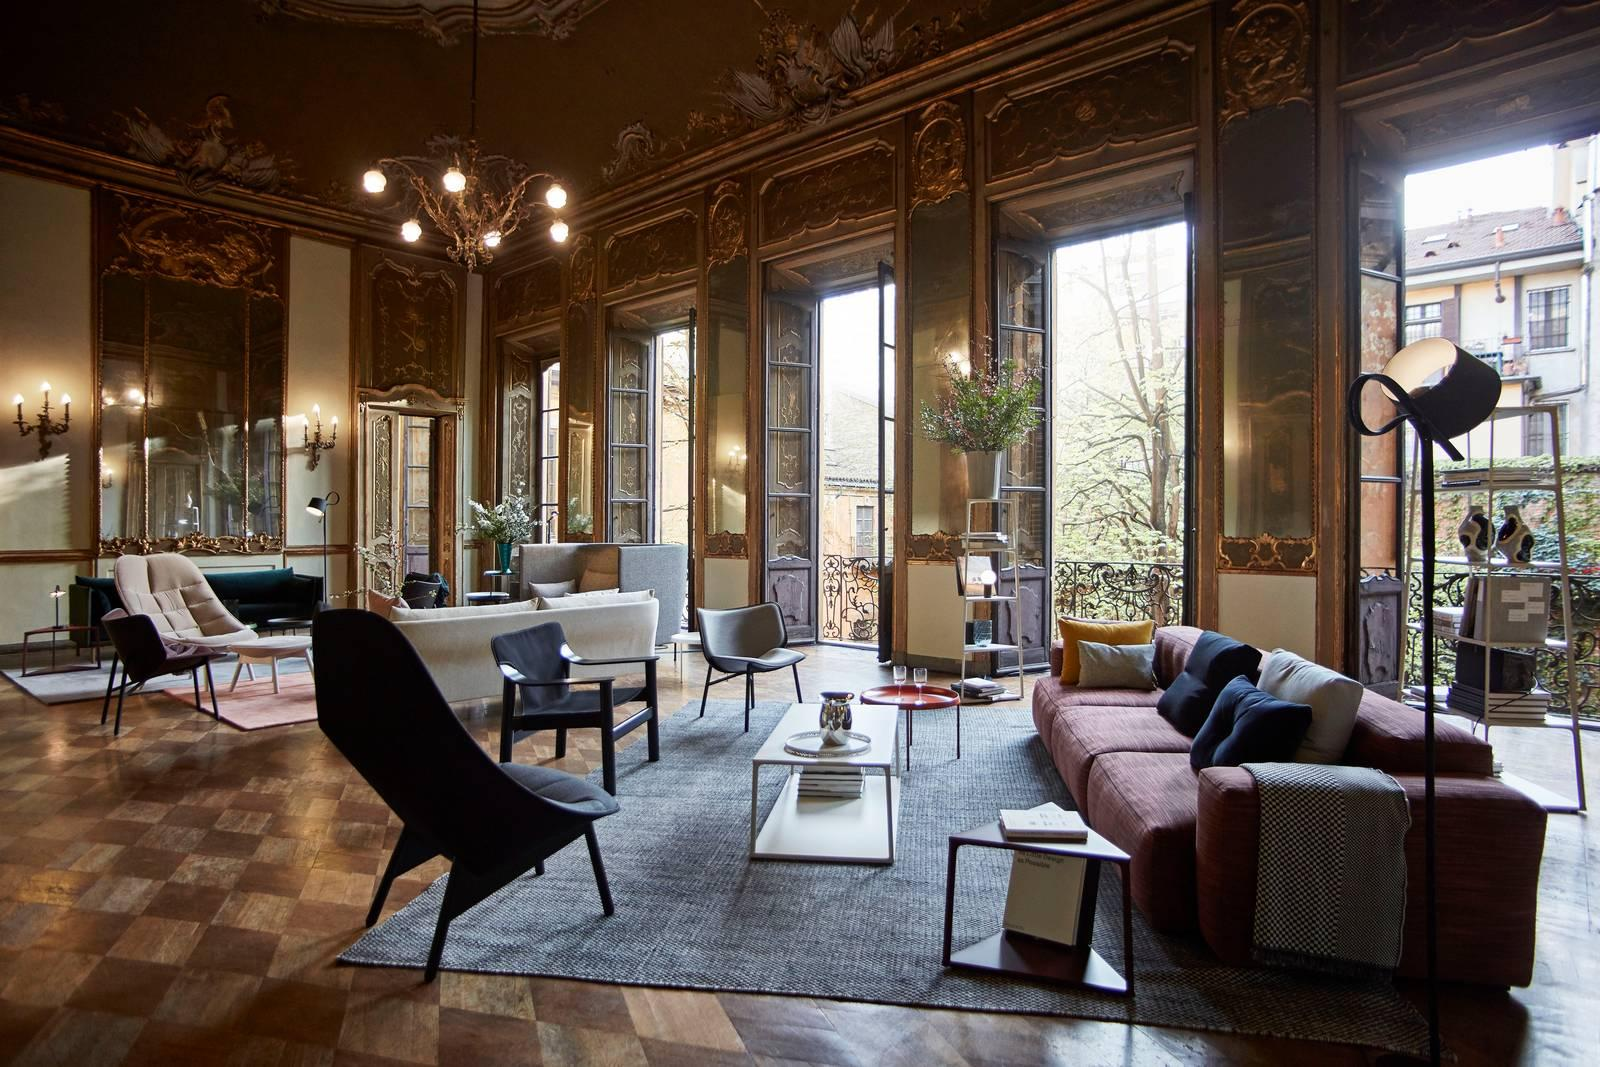 Hay a palazzo clerici mix tra antico e moderno cose di casa for Hay design milano